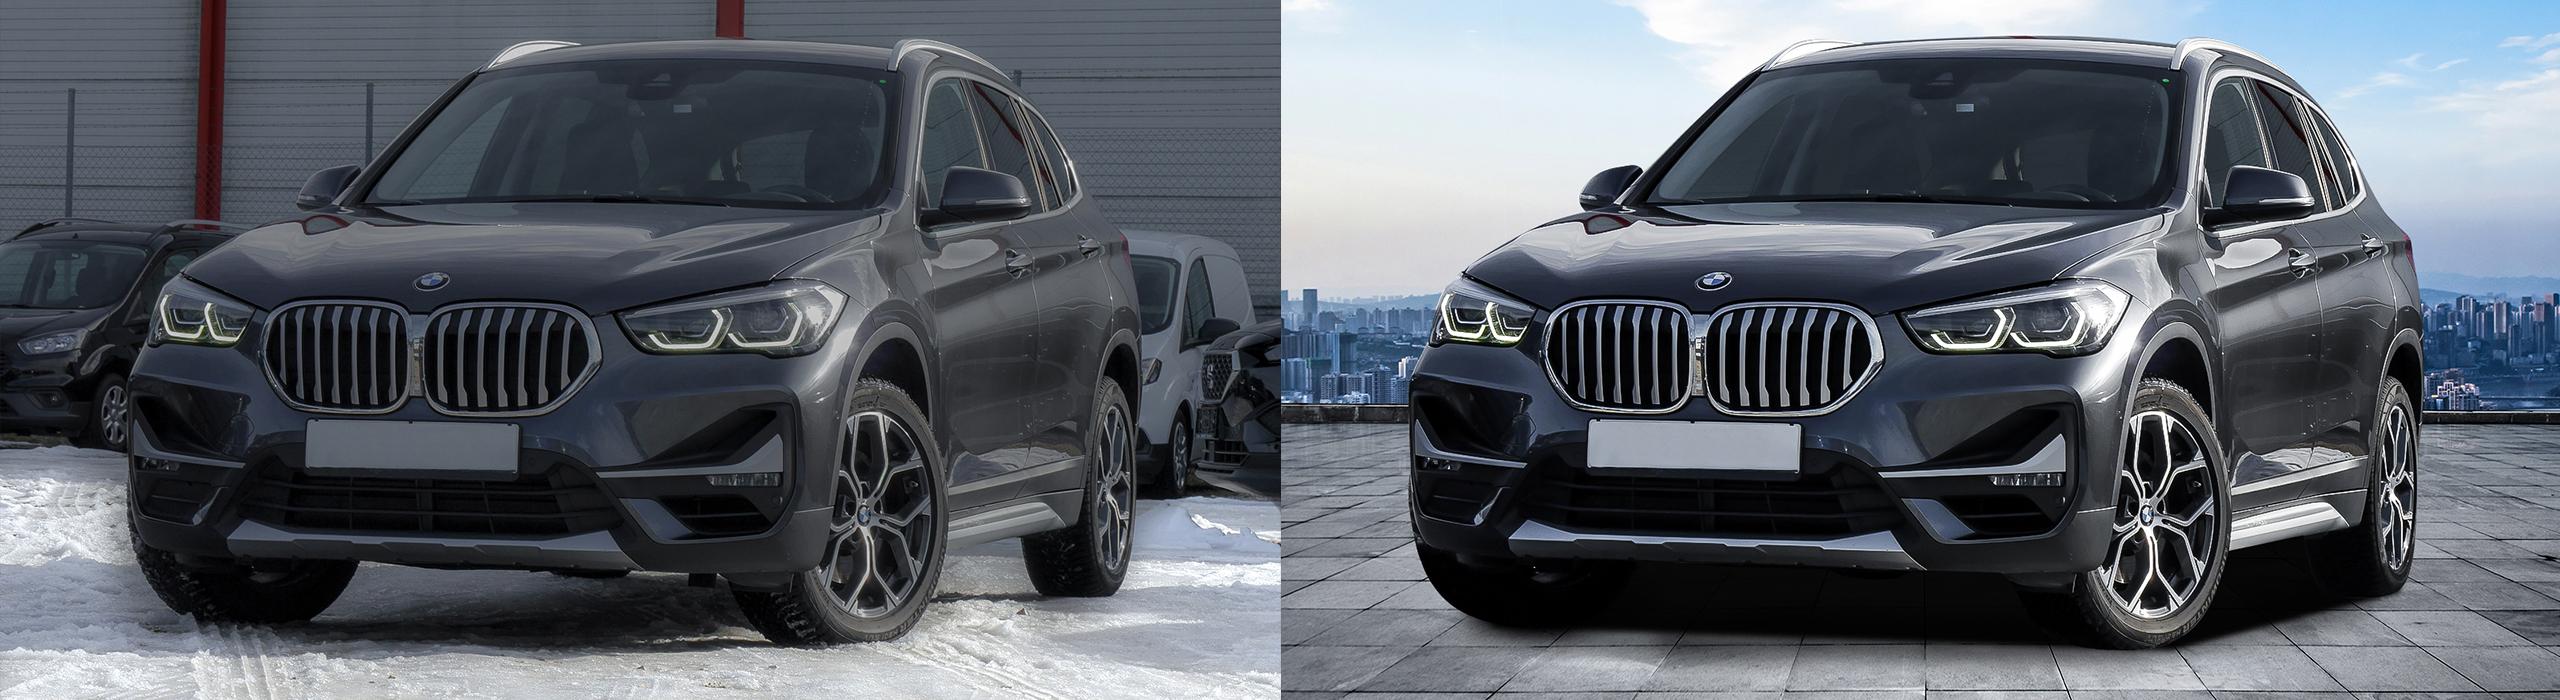 Schnee entfernen Gebrauchtwagen Freisteller-mit_Bildoptimierung